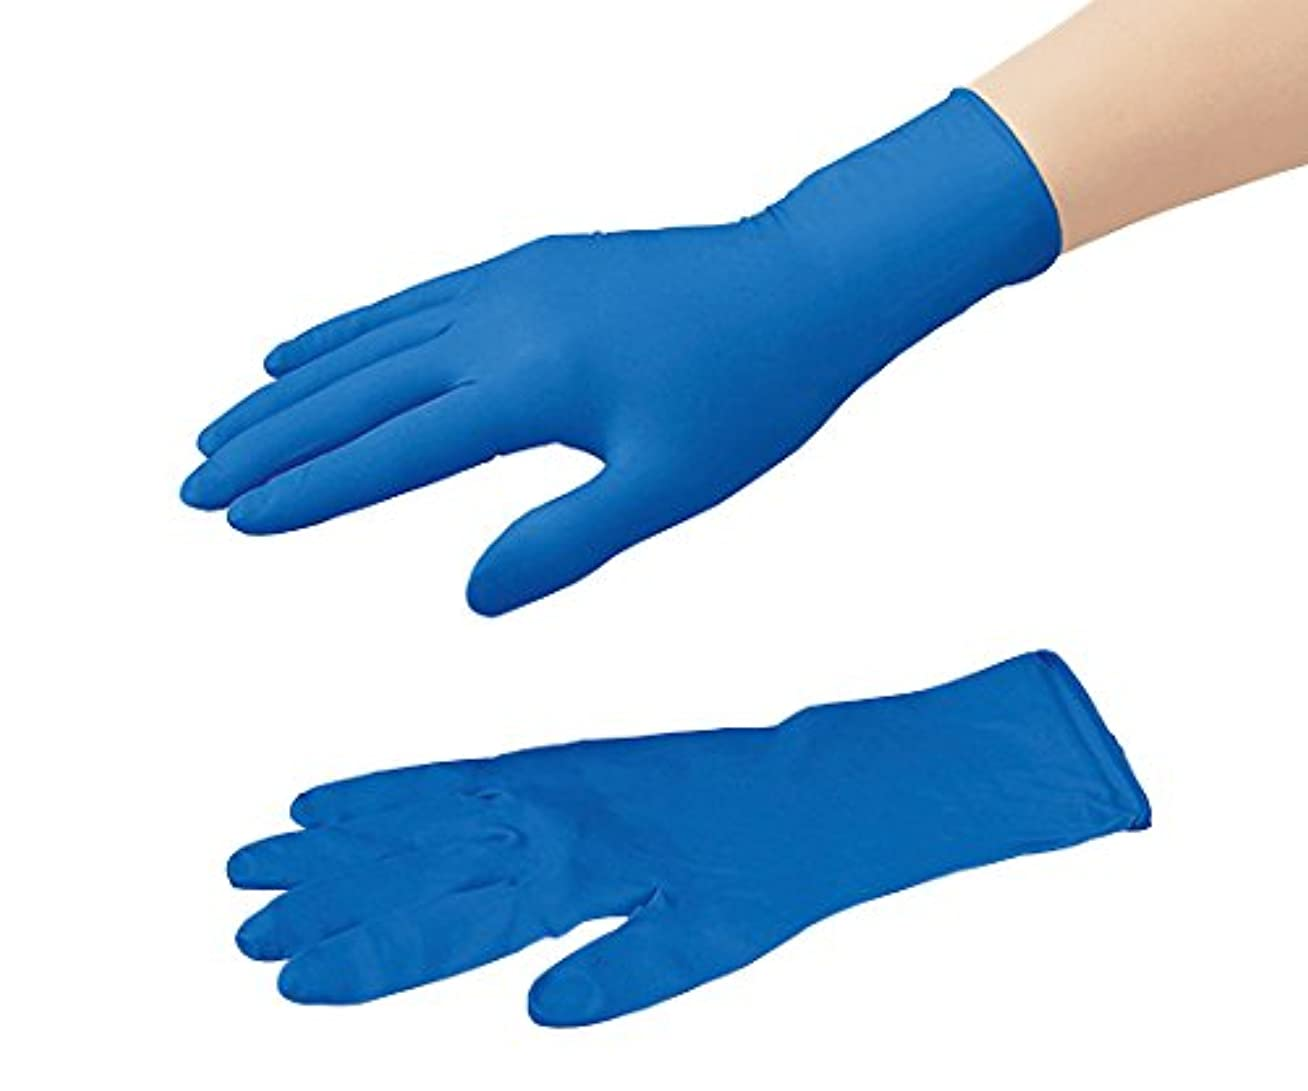 箱空の今後アズワン2-9878-02ニトリル手袋(HYDREX(R))S50枚入